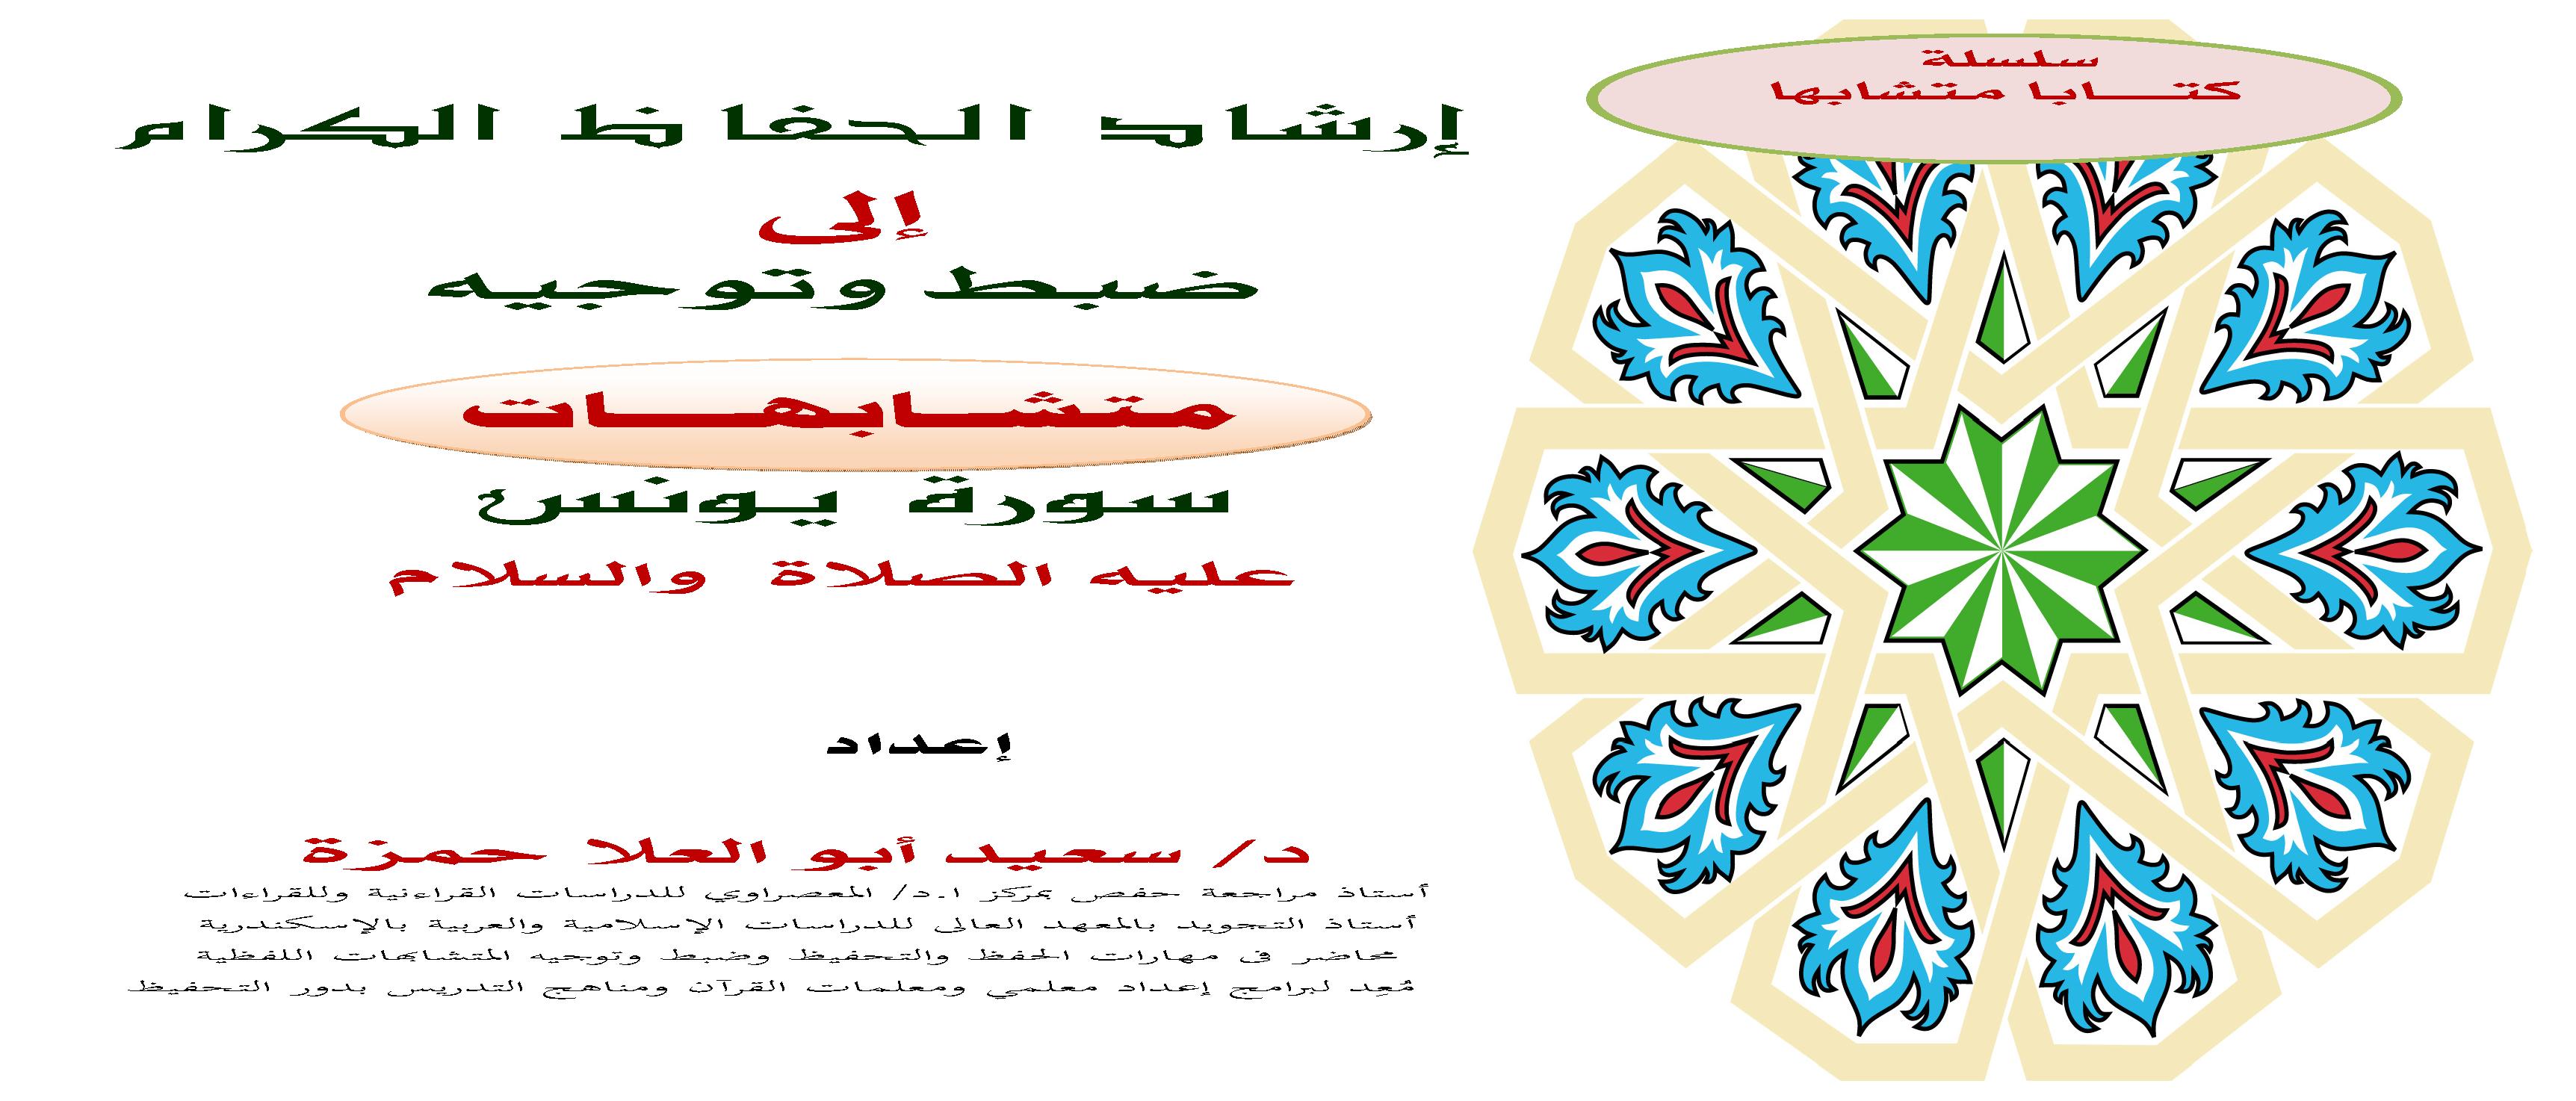 تحميل كتاب إرشاد الحفاظ الكرام إلى ضبط وتوجيه متشابهات سورة يونس عليه السلام لـِ: الدكتور سعيد أبو العلا أحمد حمزة